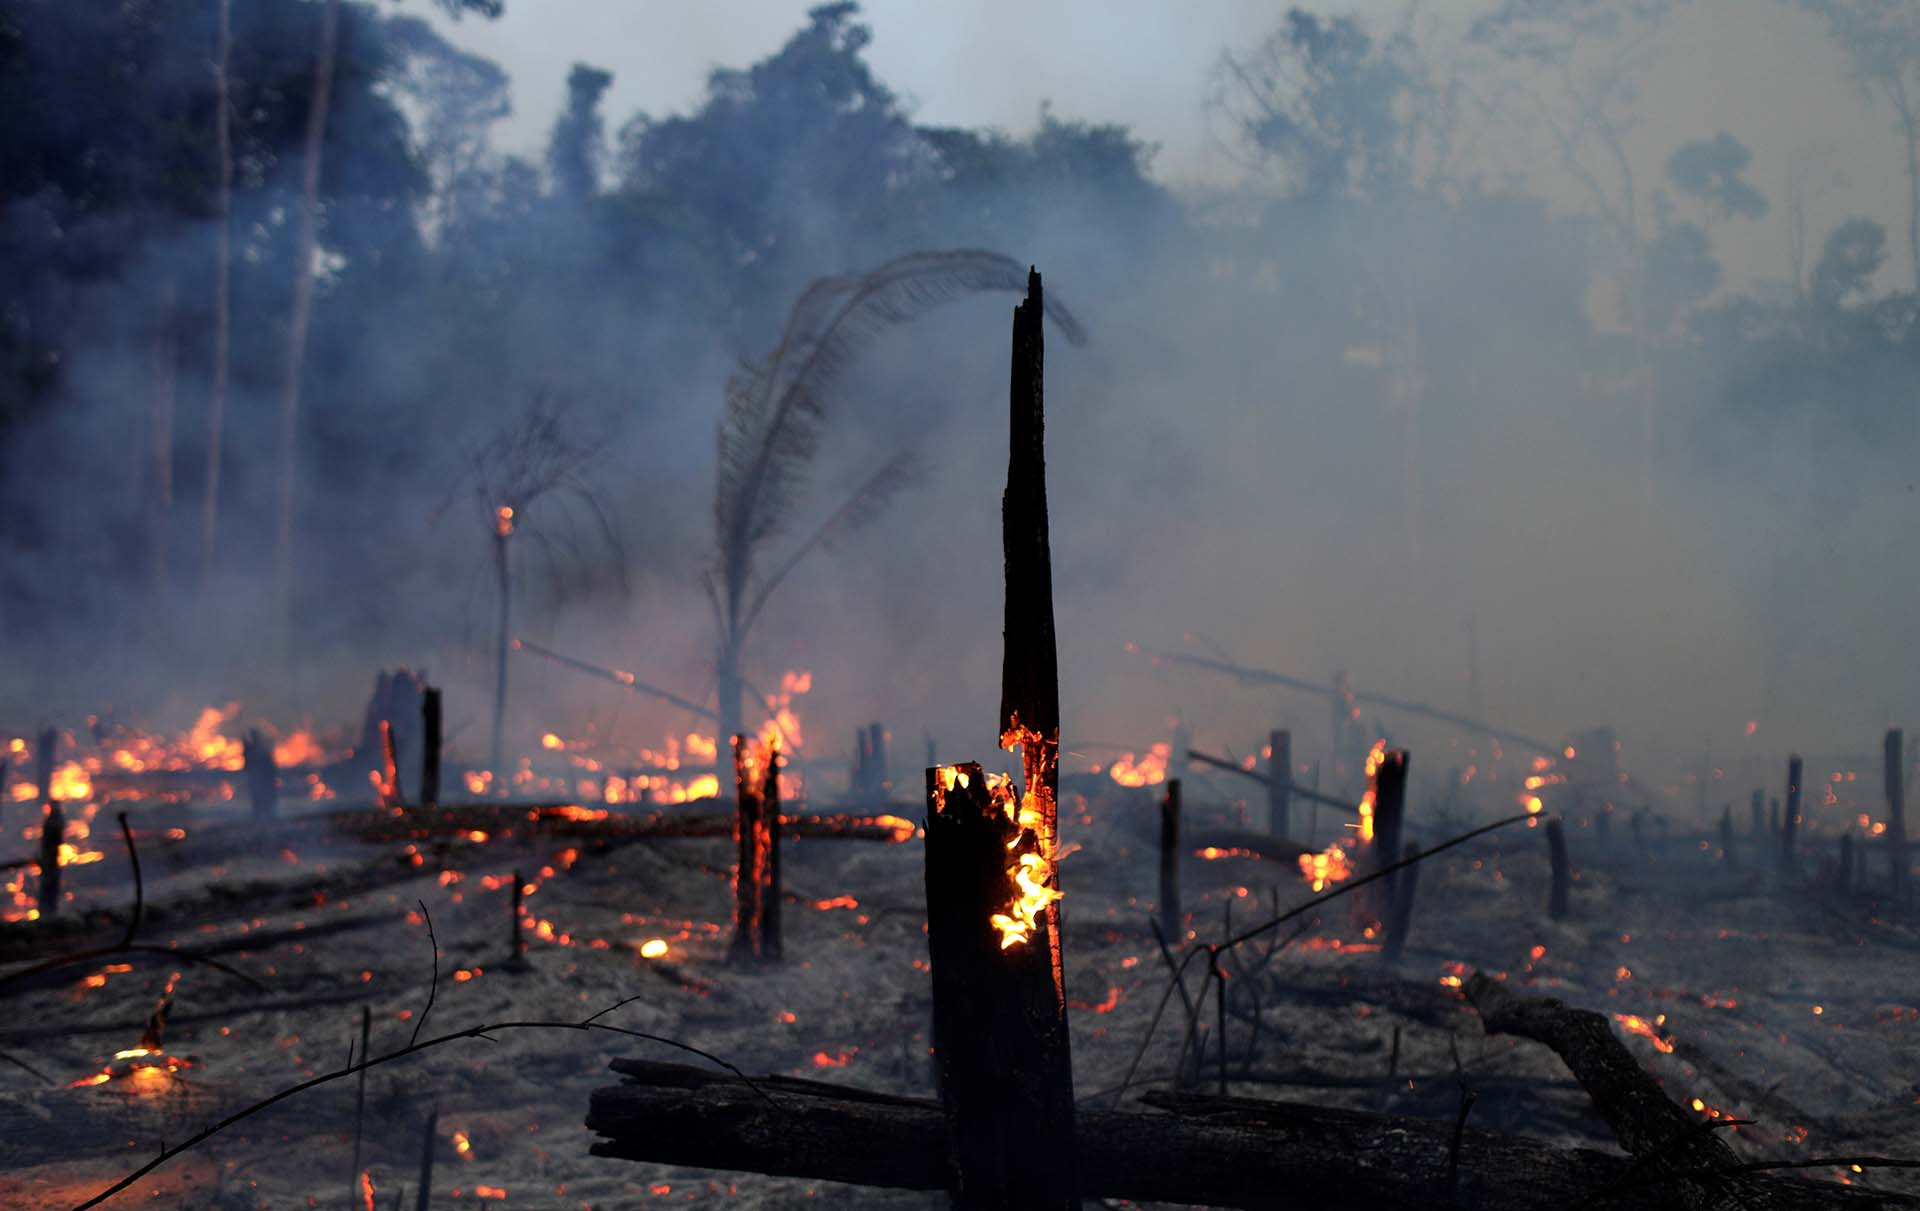 El mundo se mostró conmovido por los incendios en el Amazonas